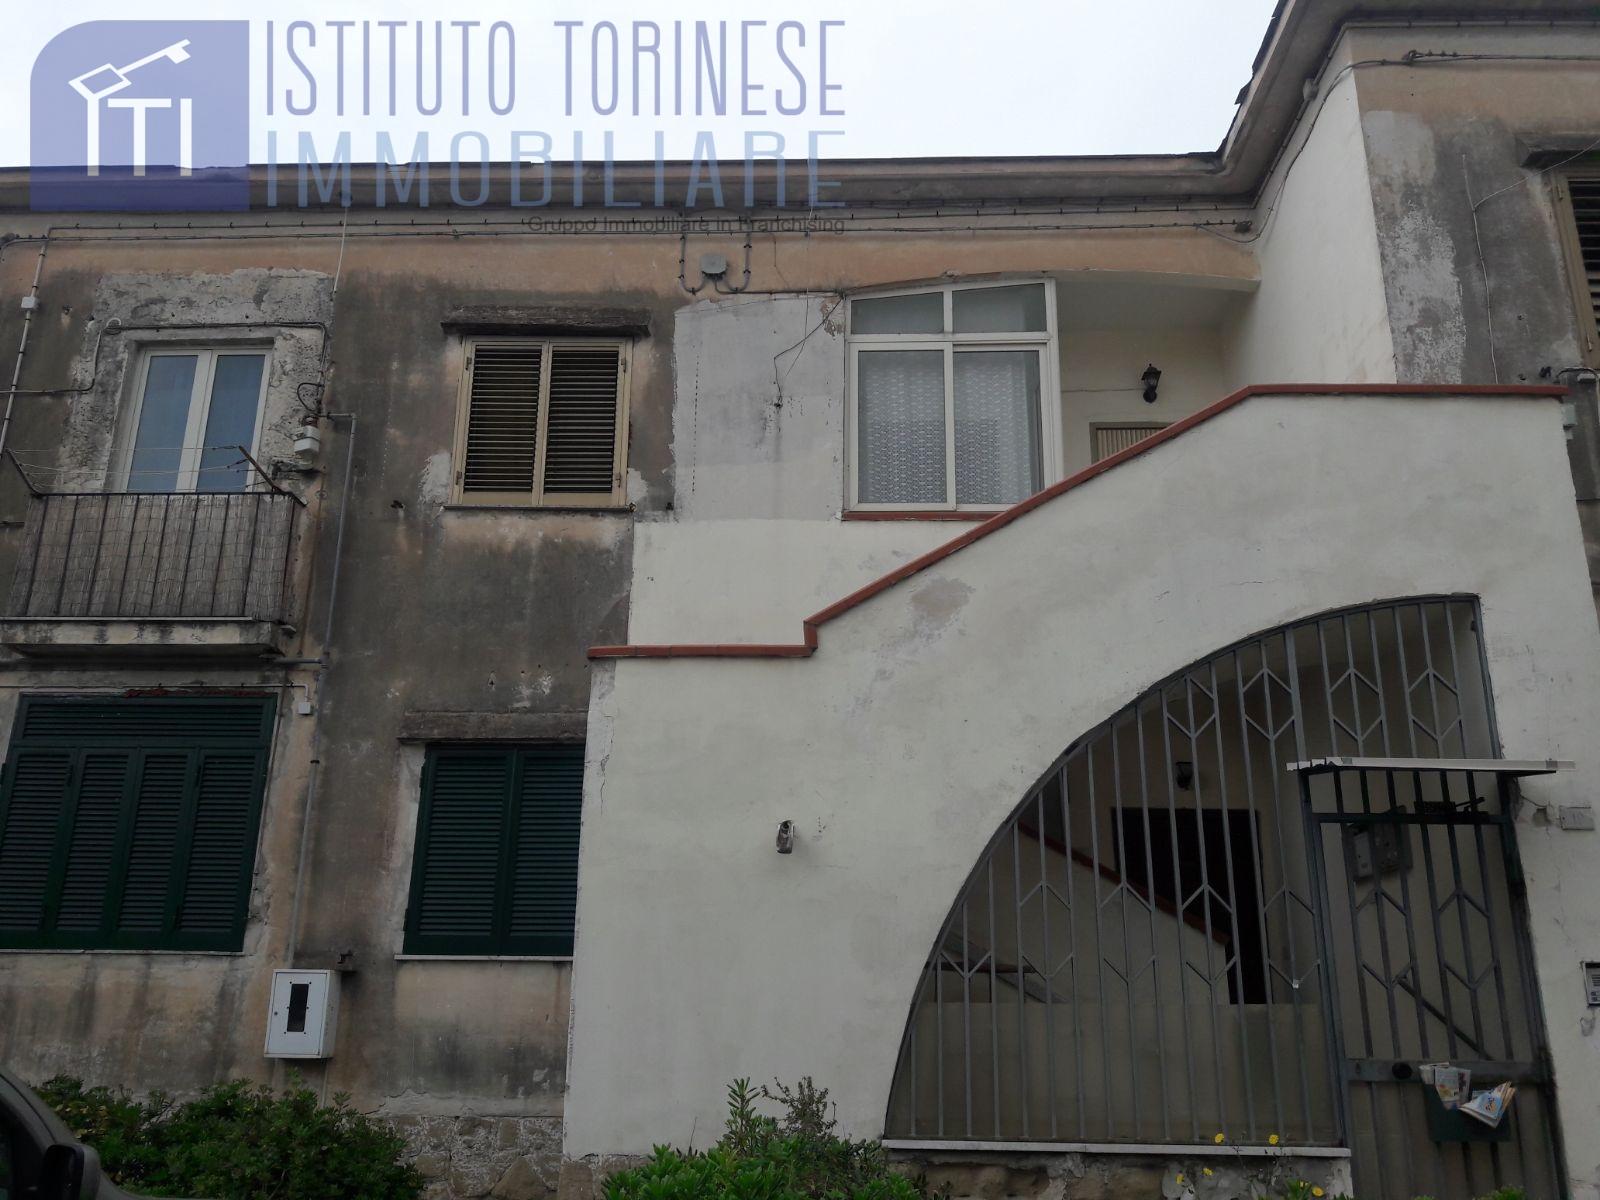 vendita appartamento pozzuoli   200000 euro  3 locali  85 mq